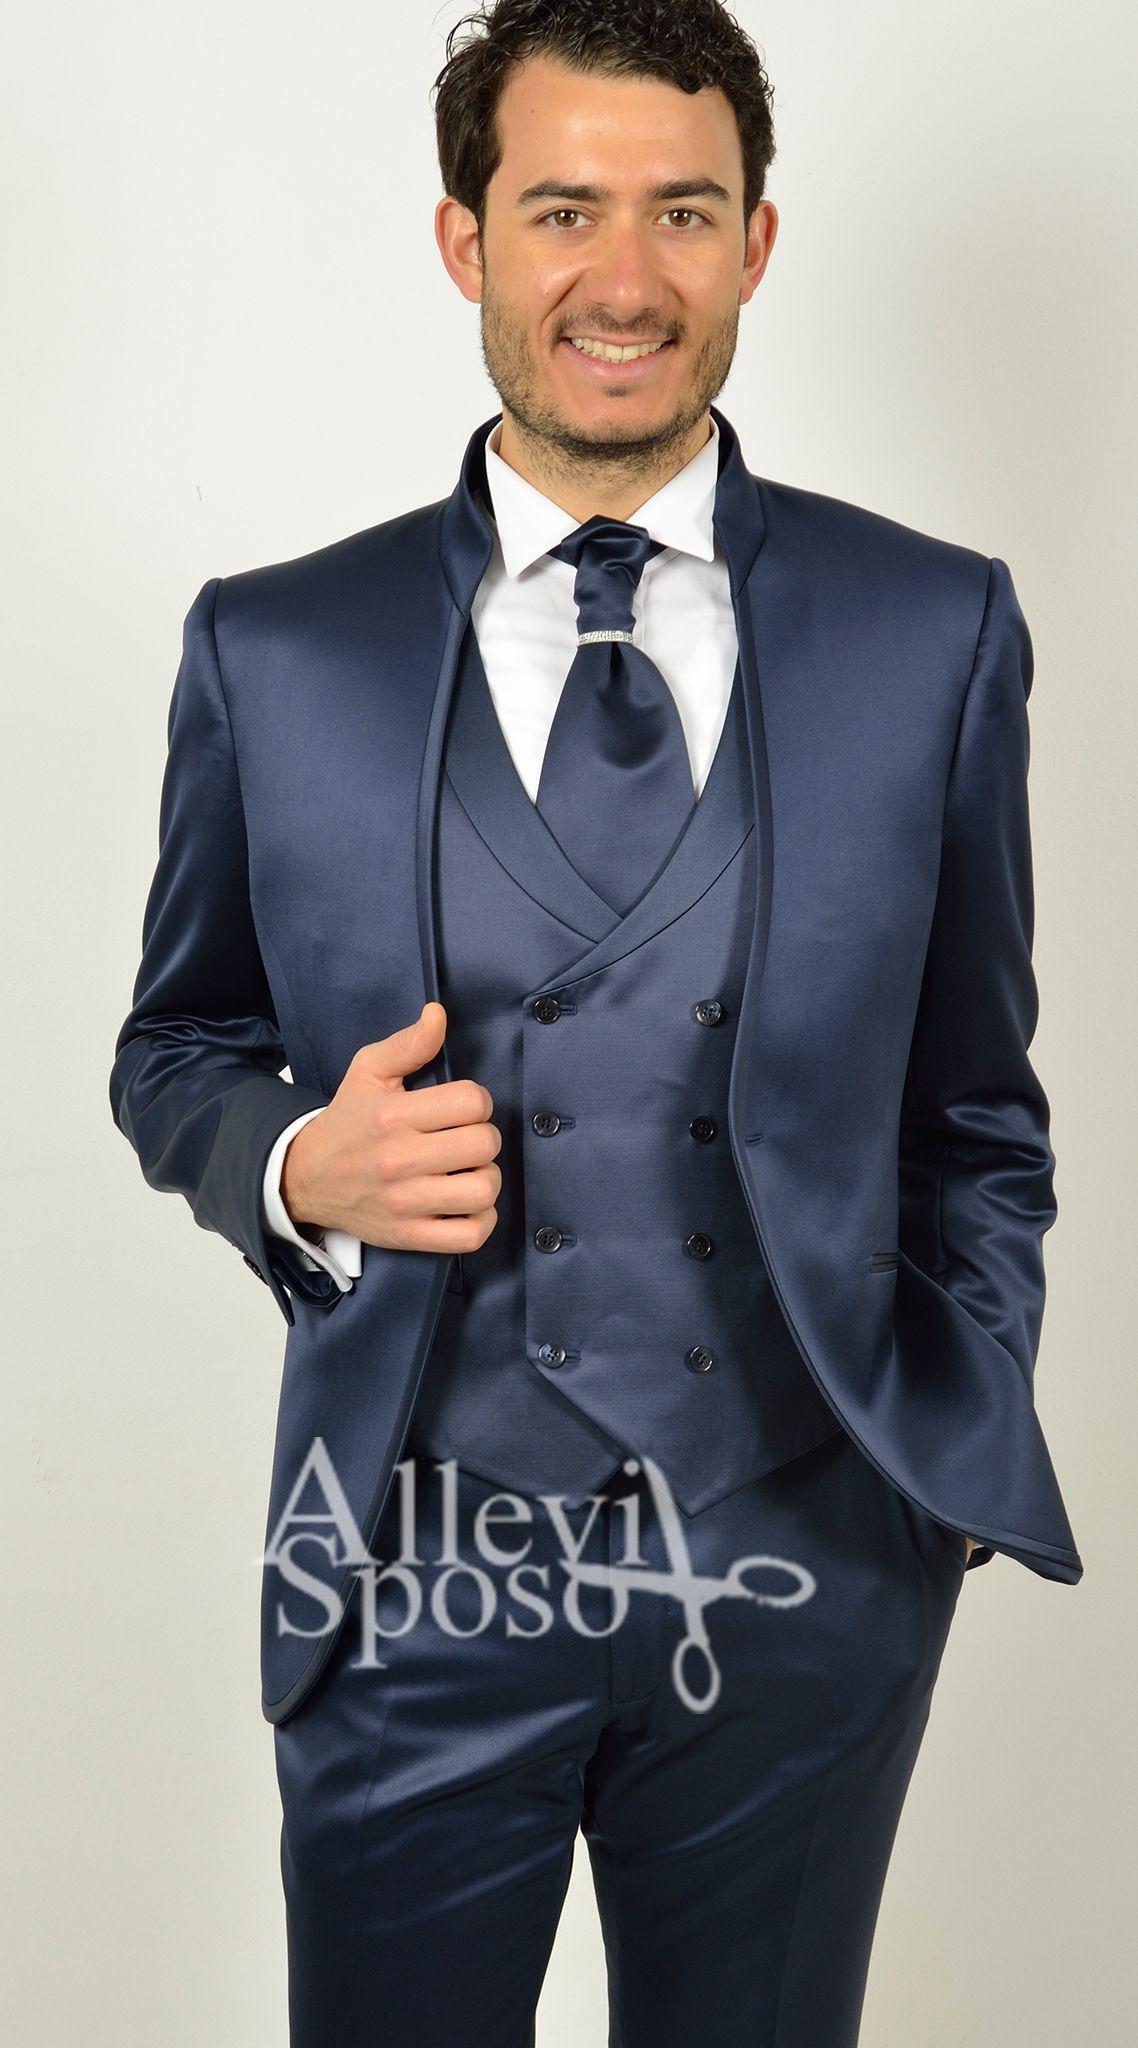 Abito da sposo vestito coreana abito stile pignatelli stile petrelli nuova  collezione allevi sposo www. deefddf3023